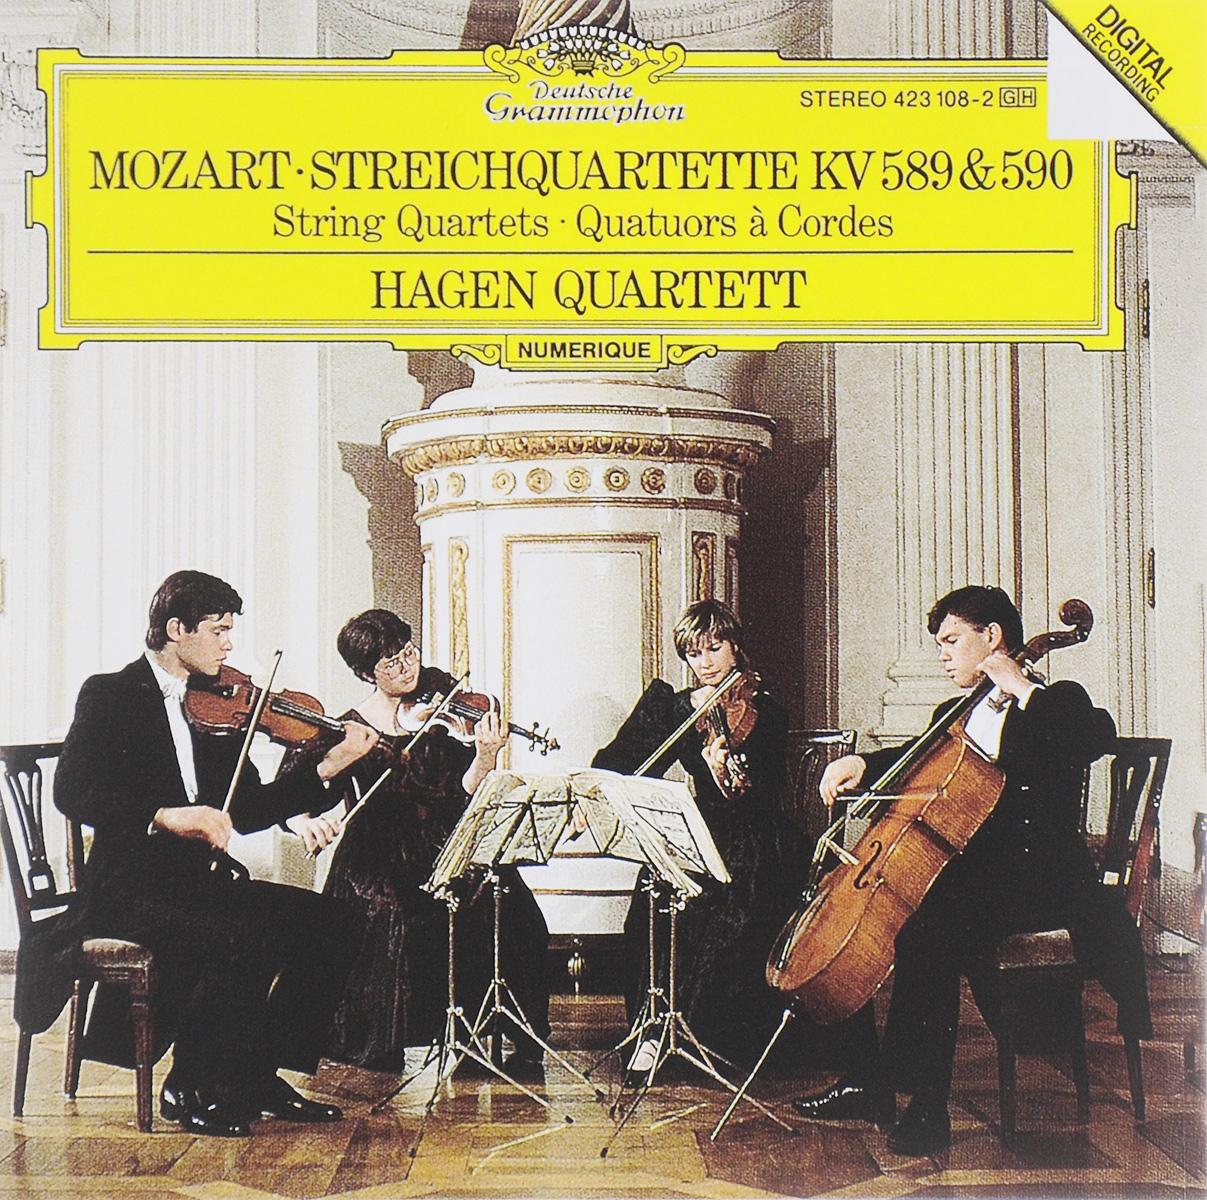 Hagen Quartett Hagen Quartett. Mozart. Streichquartette KV 589 & 590 farid hagen